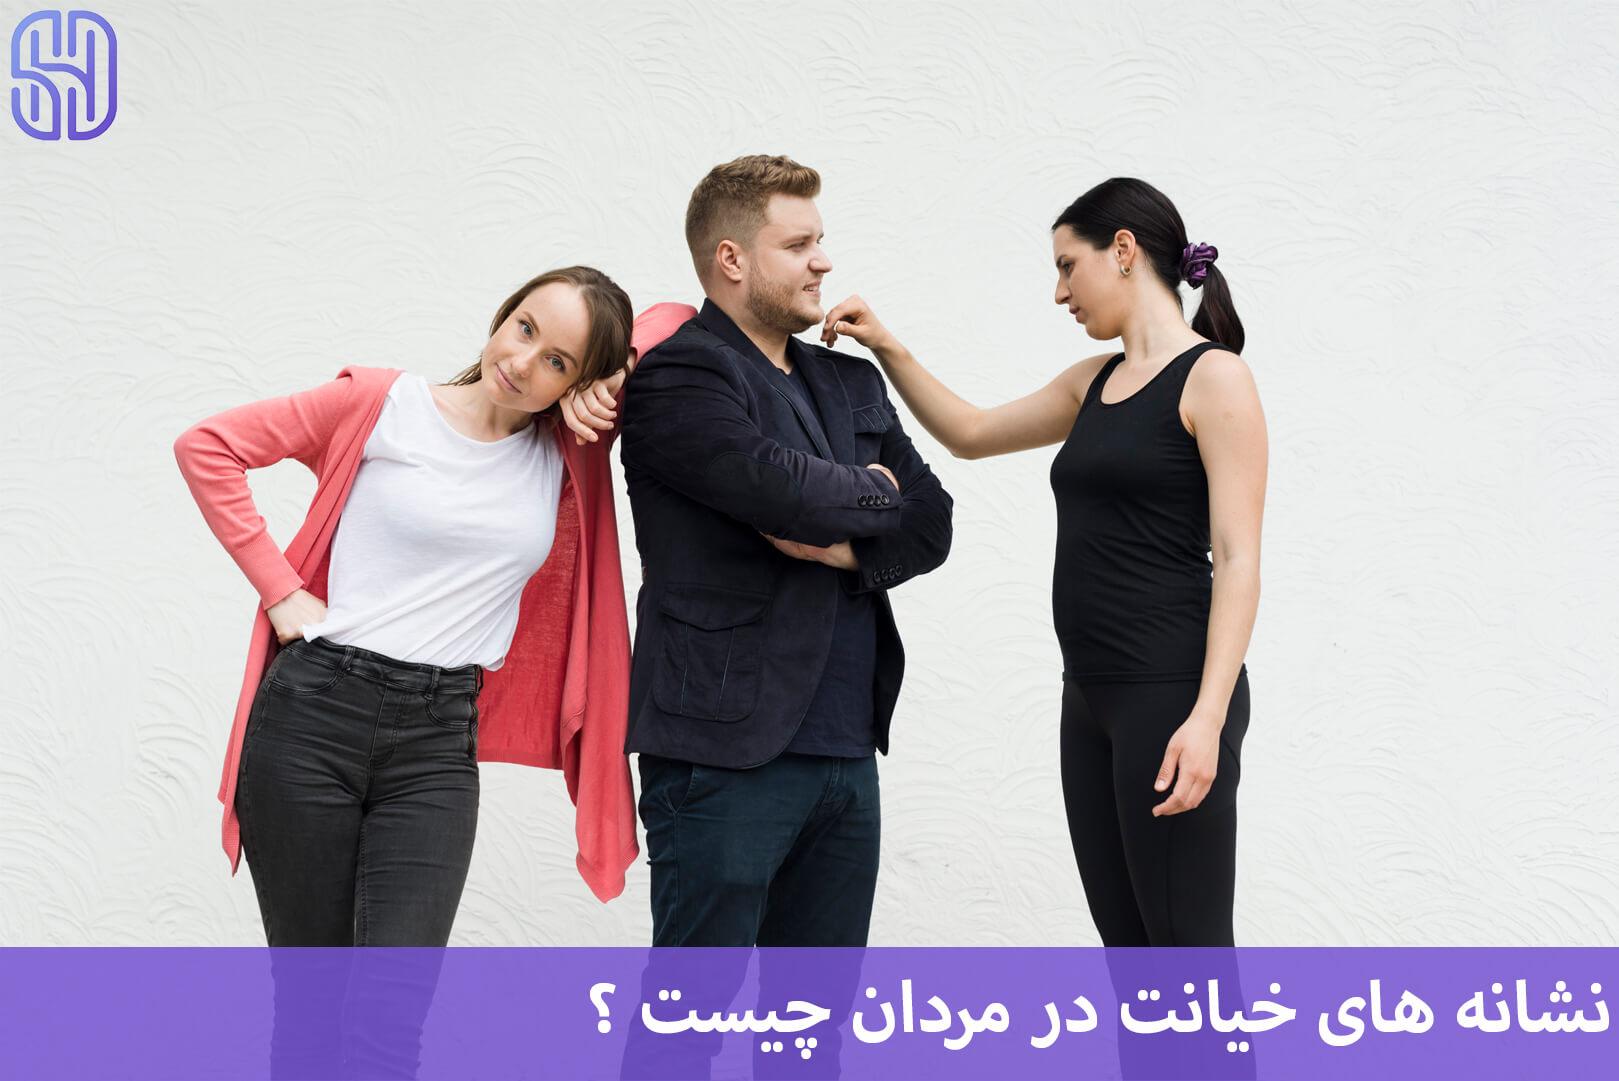 نشانه های خیانت در مردان چیست ؟